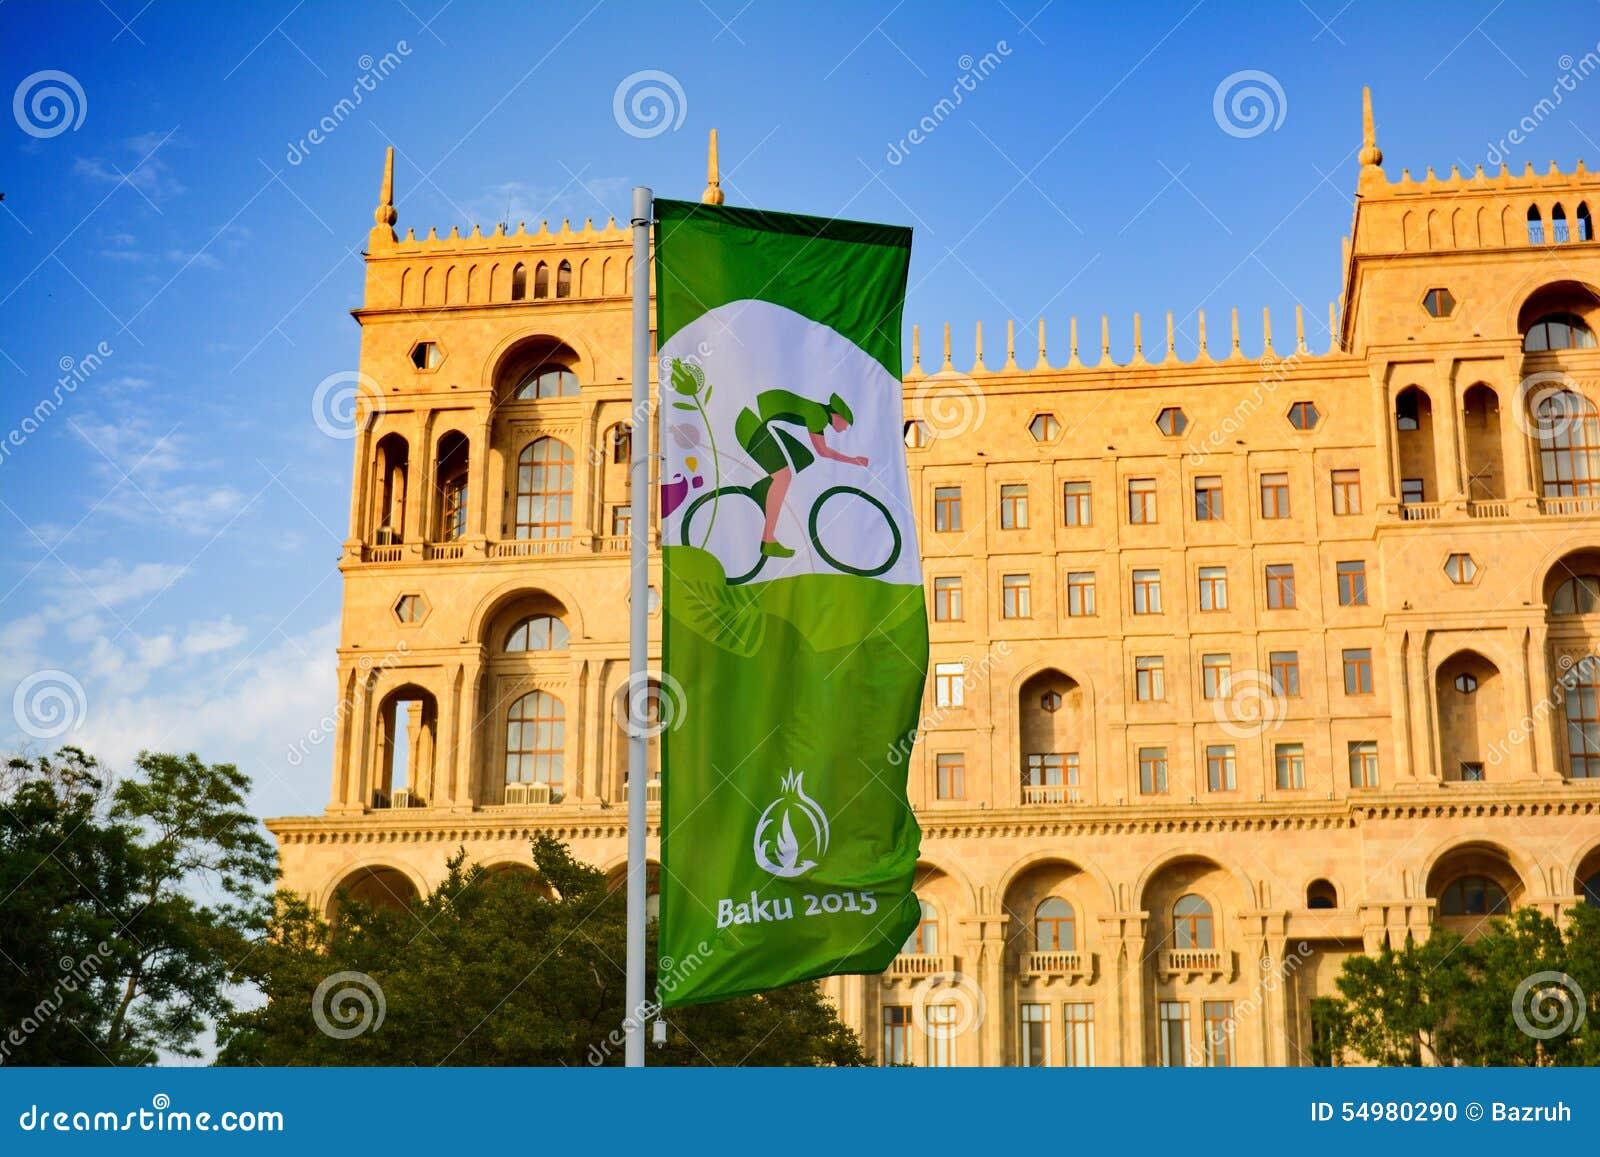 Ulicy Baku, 1st Europejskie gry w Baku, plakat